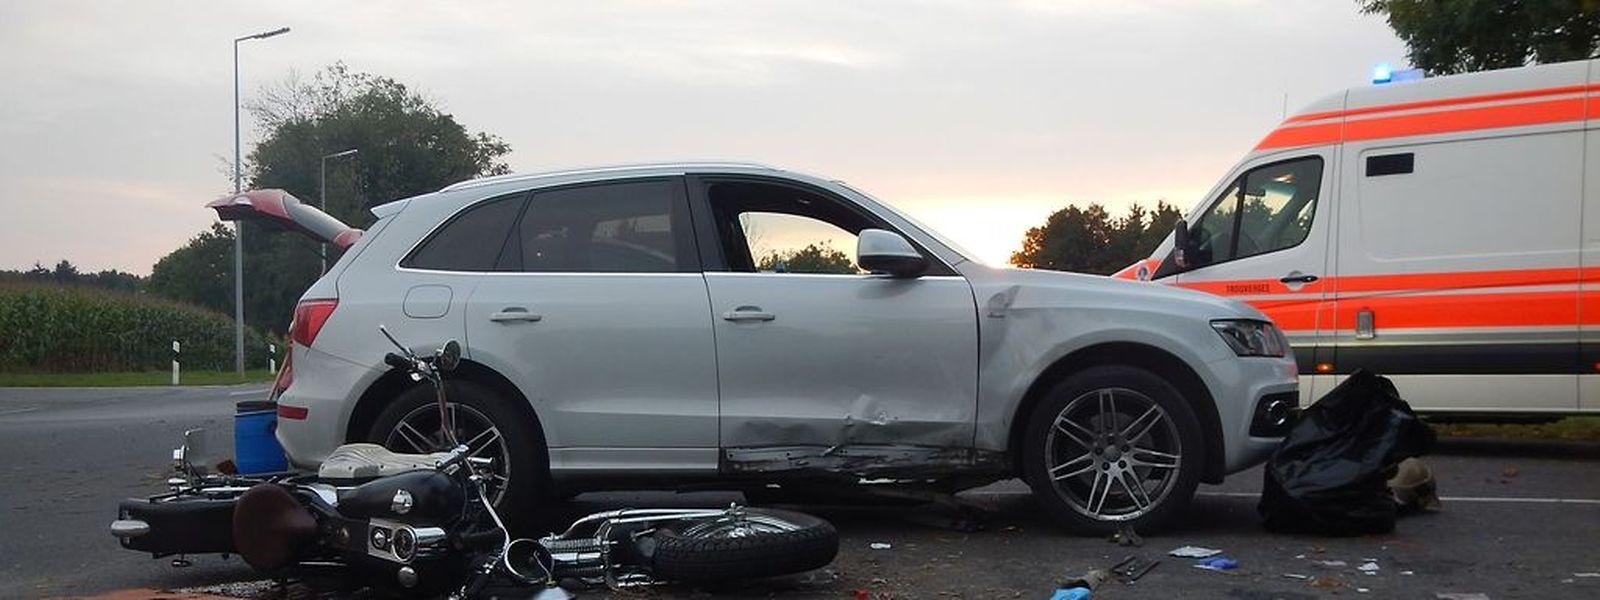 Der Motorradfahrer konnte dem Wagen nicht mehr ausweichen.